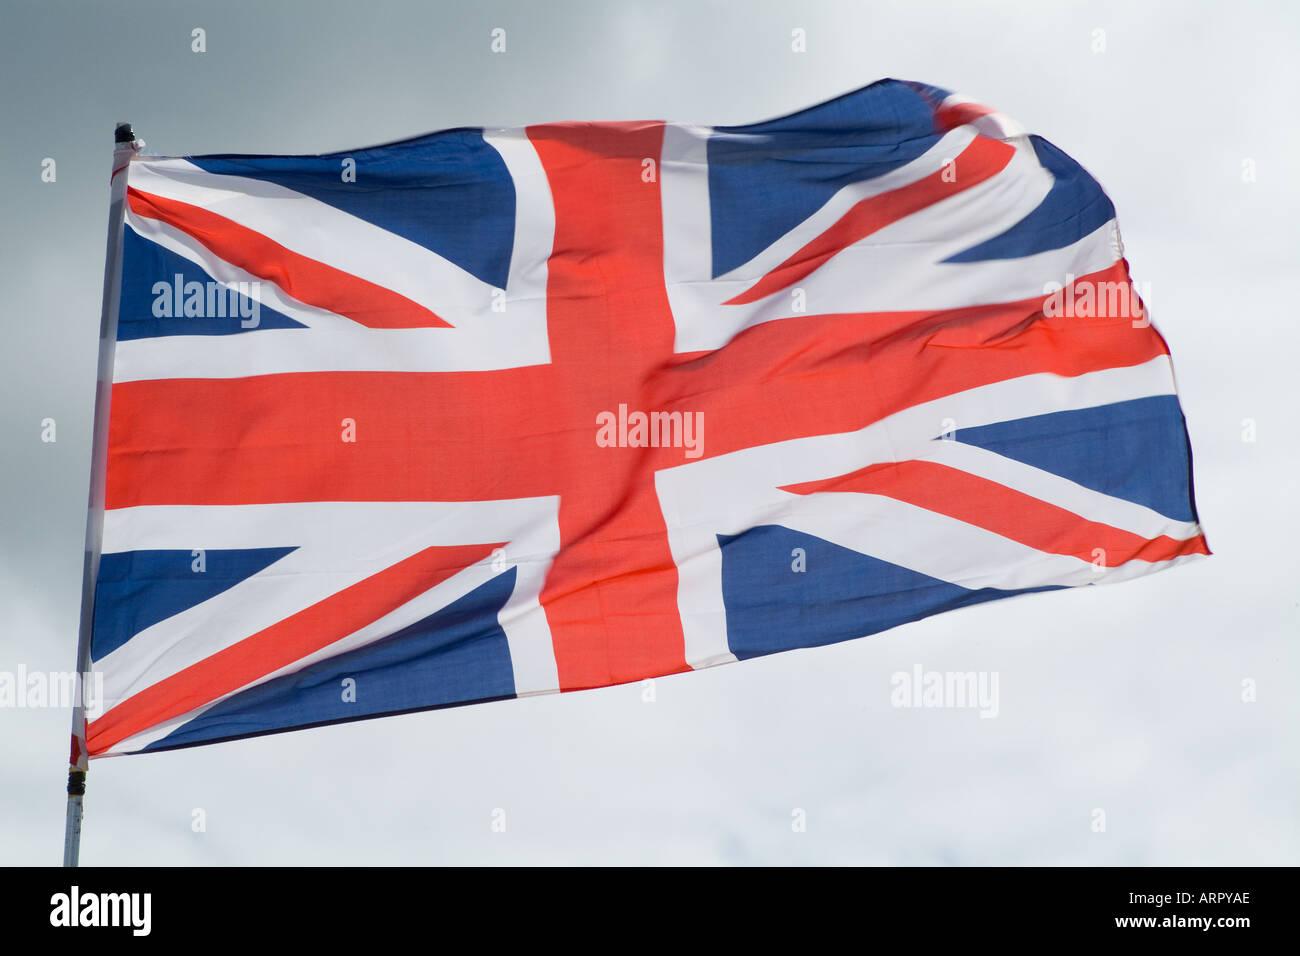 dh Union Jack FLAG UK Union Jack standard British flag uk britain united kingdom flags bhz - Stock Image